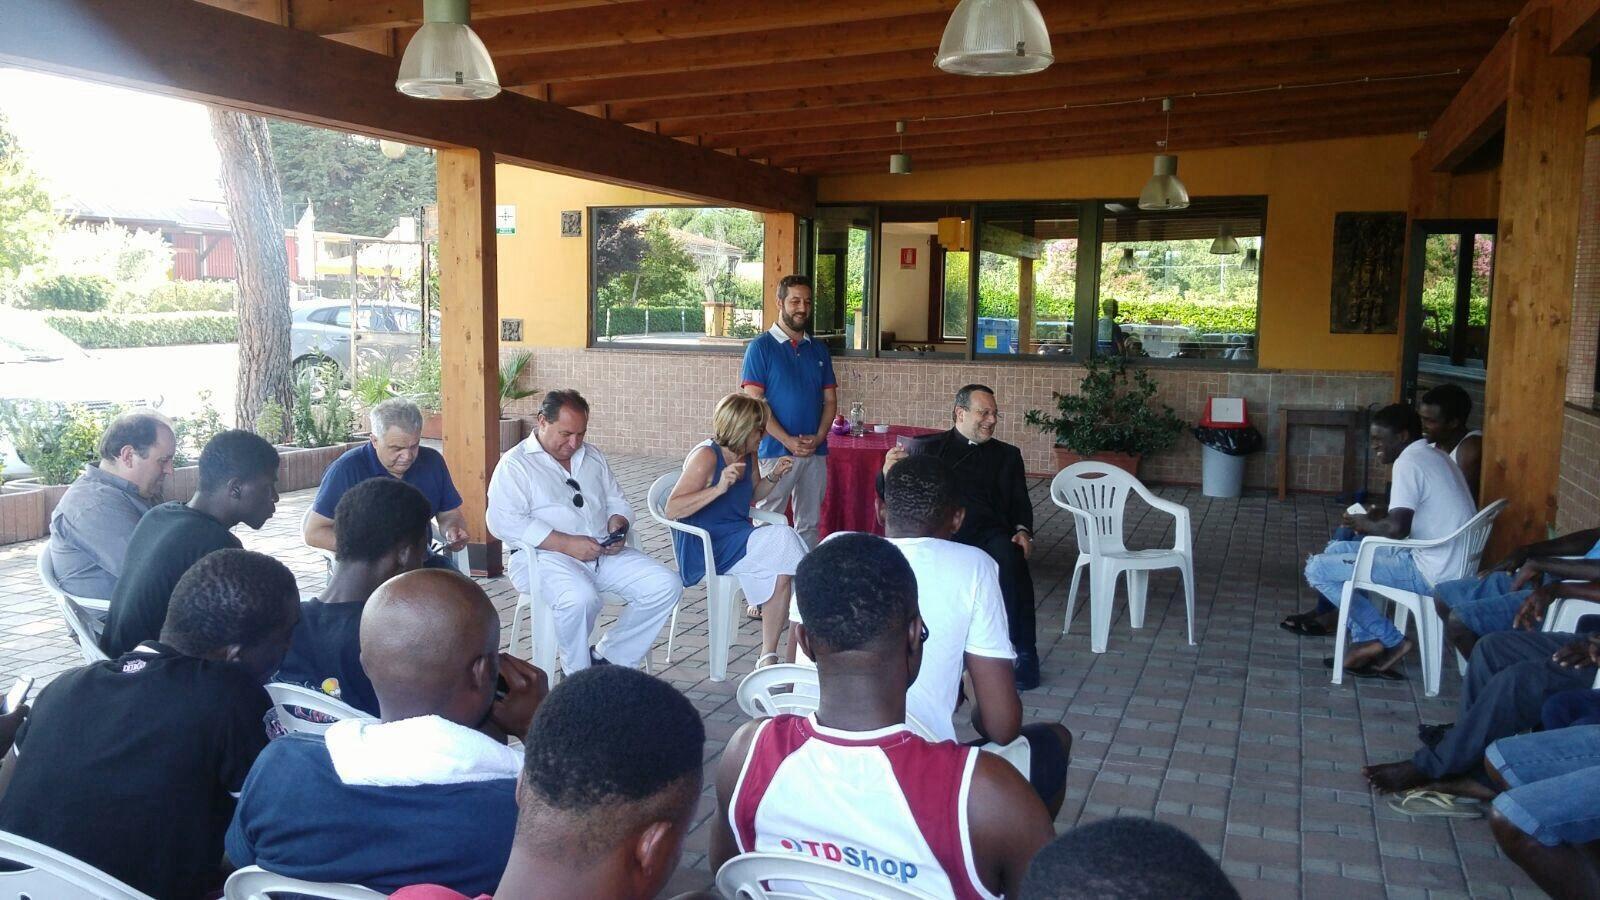 Profughi in Abruzzo: C'è chi non può e chi pensa agli Lsu